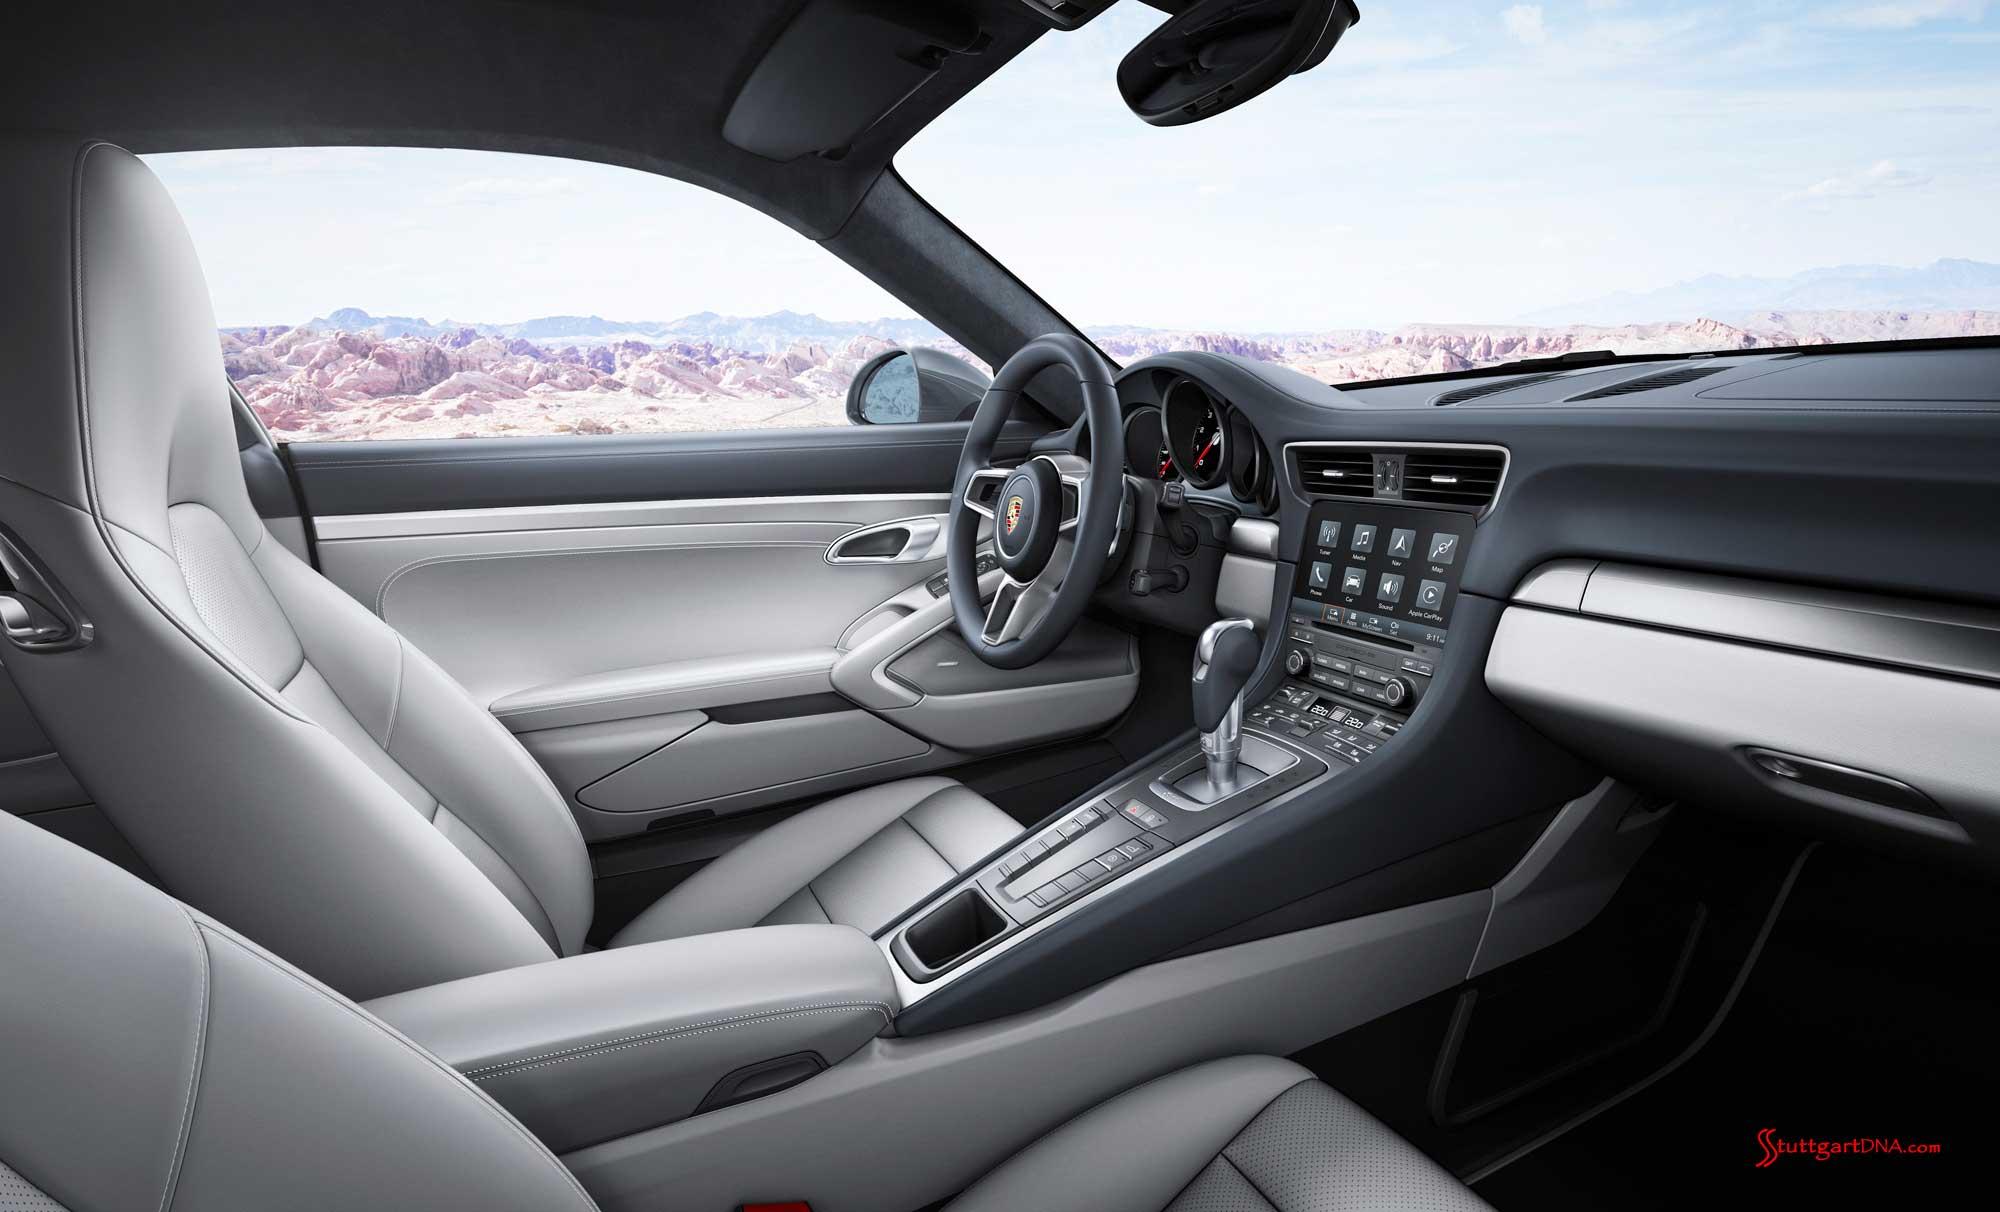 The new 2017 Porsche 911 turbo Carrera 991.2   StuttgartDNA  Porsche Turbo Interior on 2017 porsche 918 turbo, 2017 porsche panamera 4s, 2017 mazda rx-7 turbo, 2017 porsche boxster, 2017 porsche panamera convertible, 2017 porsche roadster, 2017 porsche panamera turbo, 2017 porsche gt3, 2017 porsche cayenne, 2017 porsche cayman, 2017 porsche gt2, 2017 porsche 918 spyder, 2016 porsche cayenne turbo, 2017 ford focus turbo, 2017 porsche panamera gts, blue 911 turbo, 2005 porsche cayenne turbo,